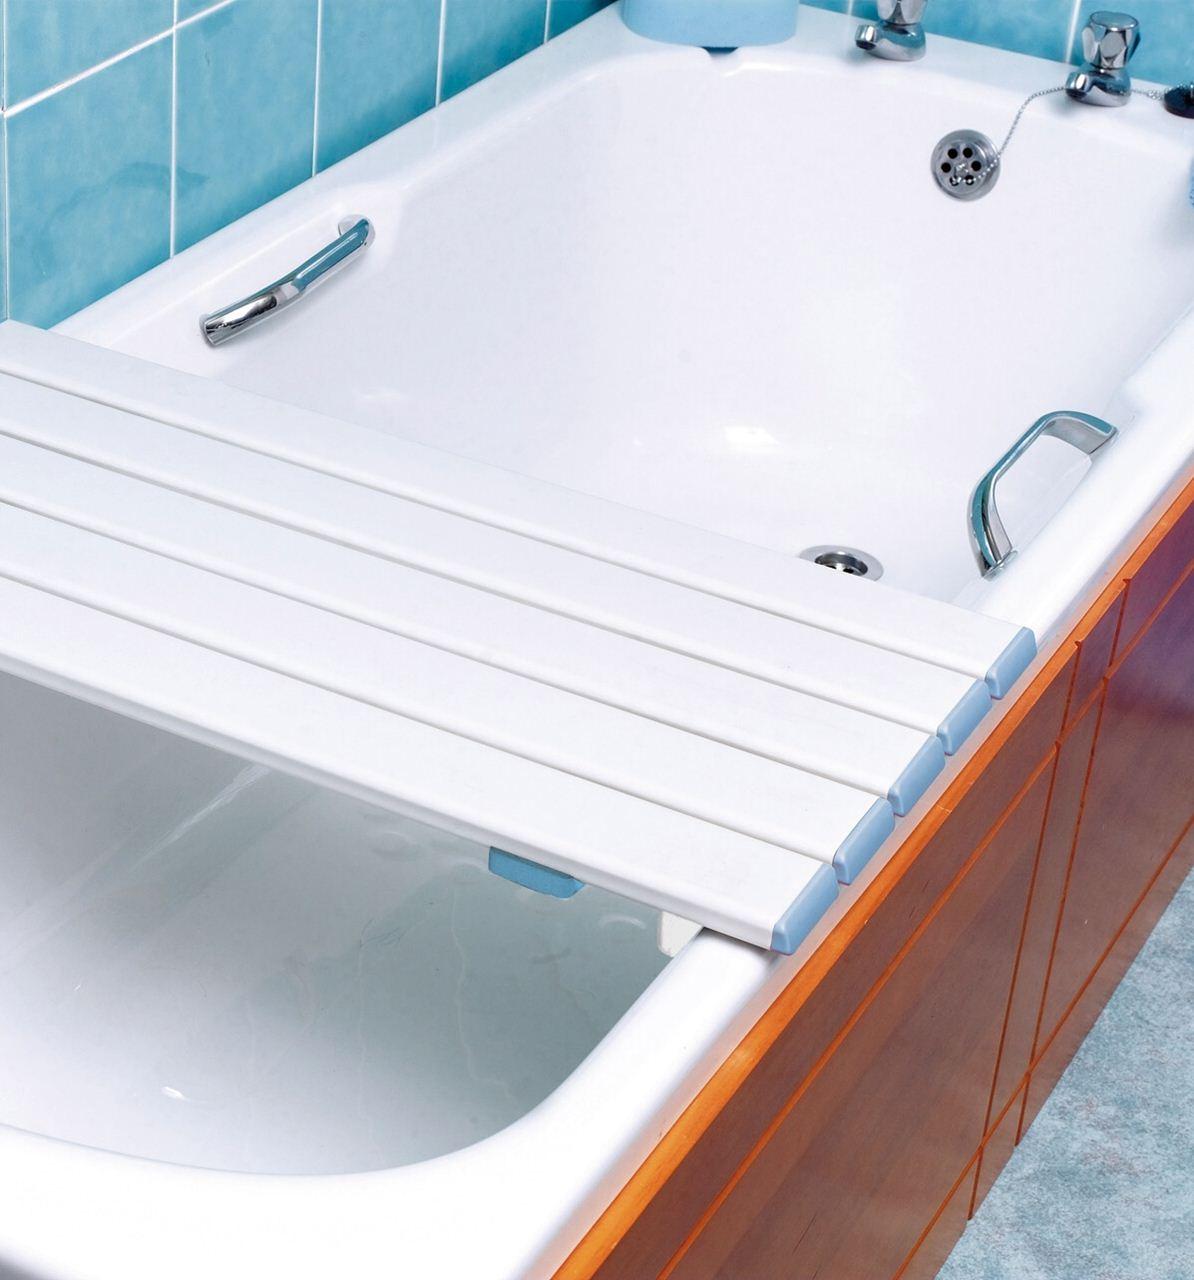 Sedačky/ stoličky do sprchy nebo do vany